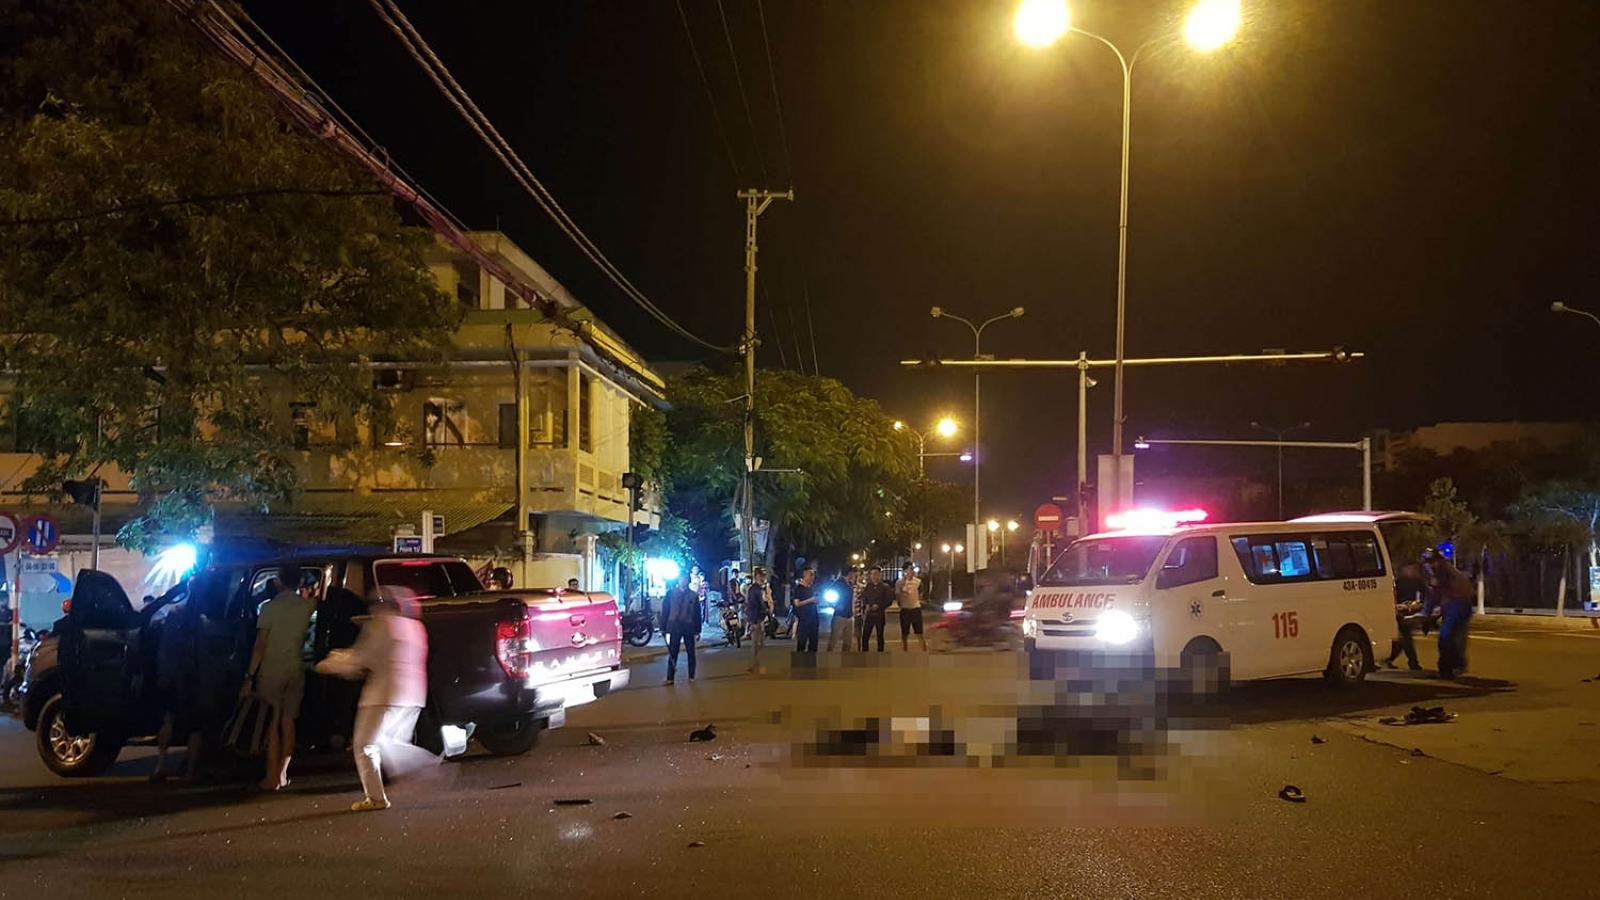 Tai nạn giao thông tại Đà Nẵng, 3 người thương vong